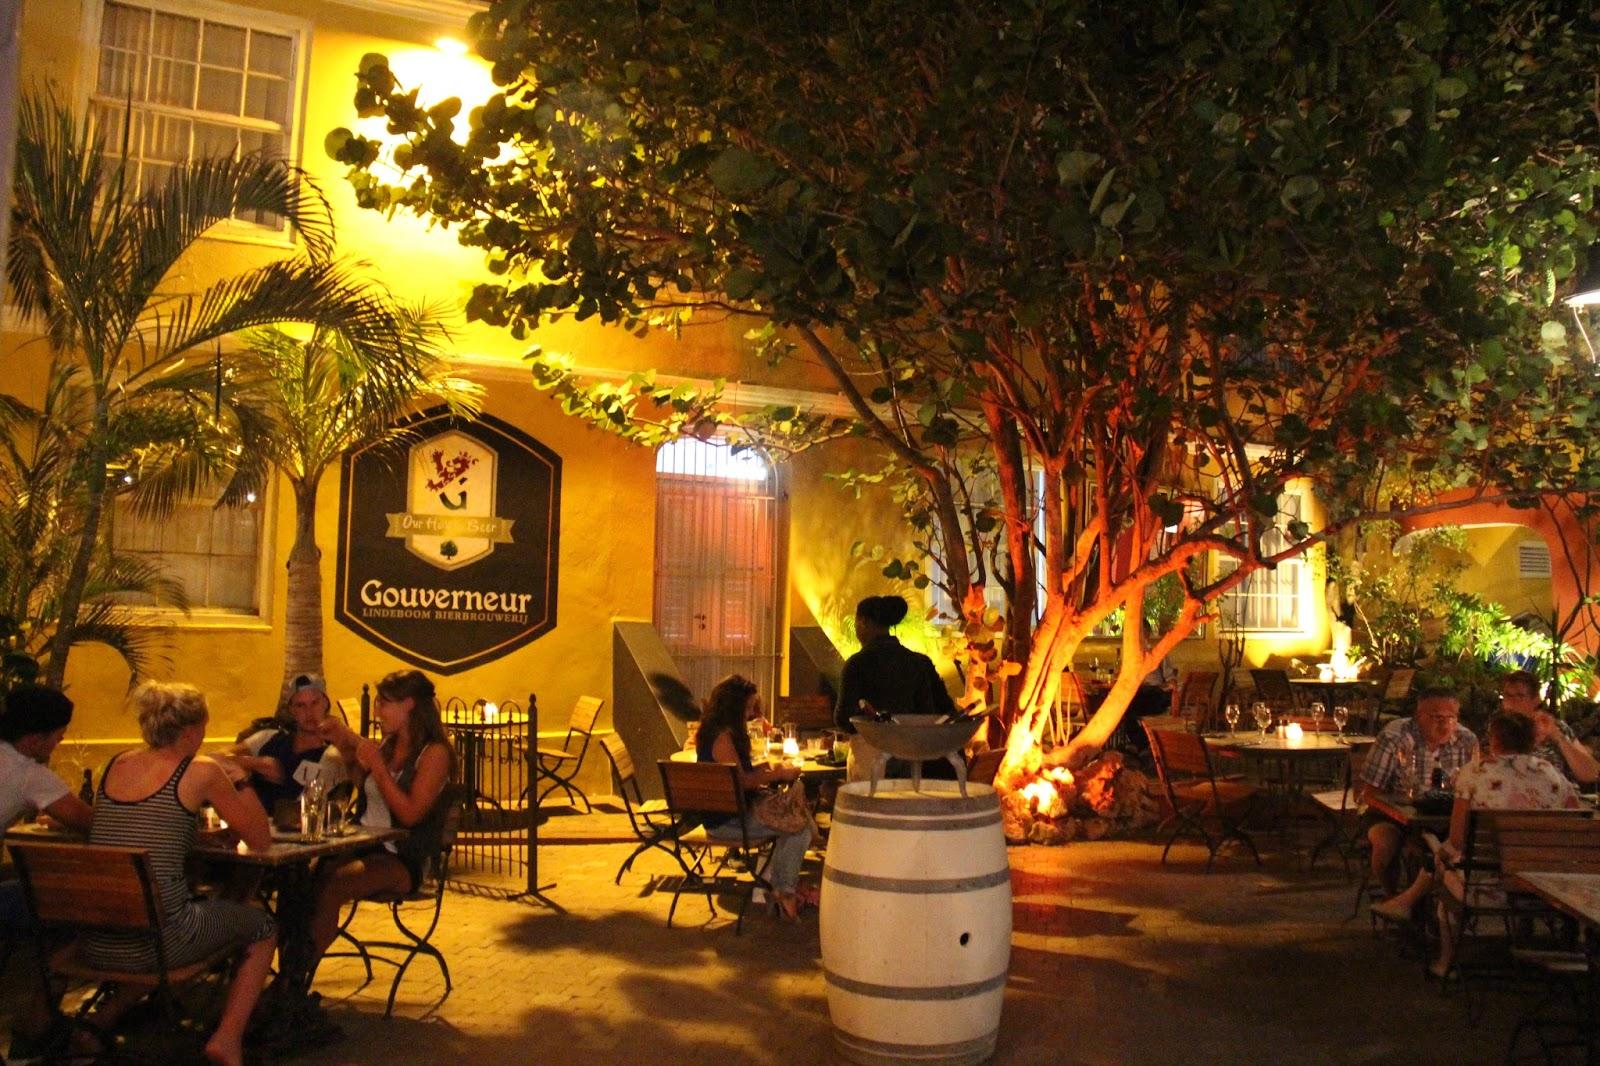 Restaurant Cafe Gouverneur De Rouville